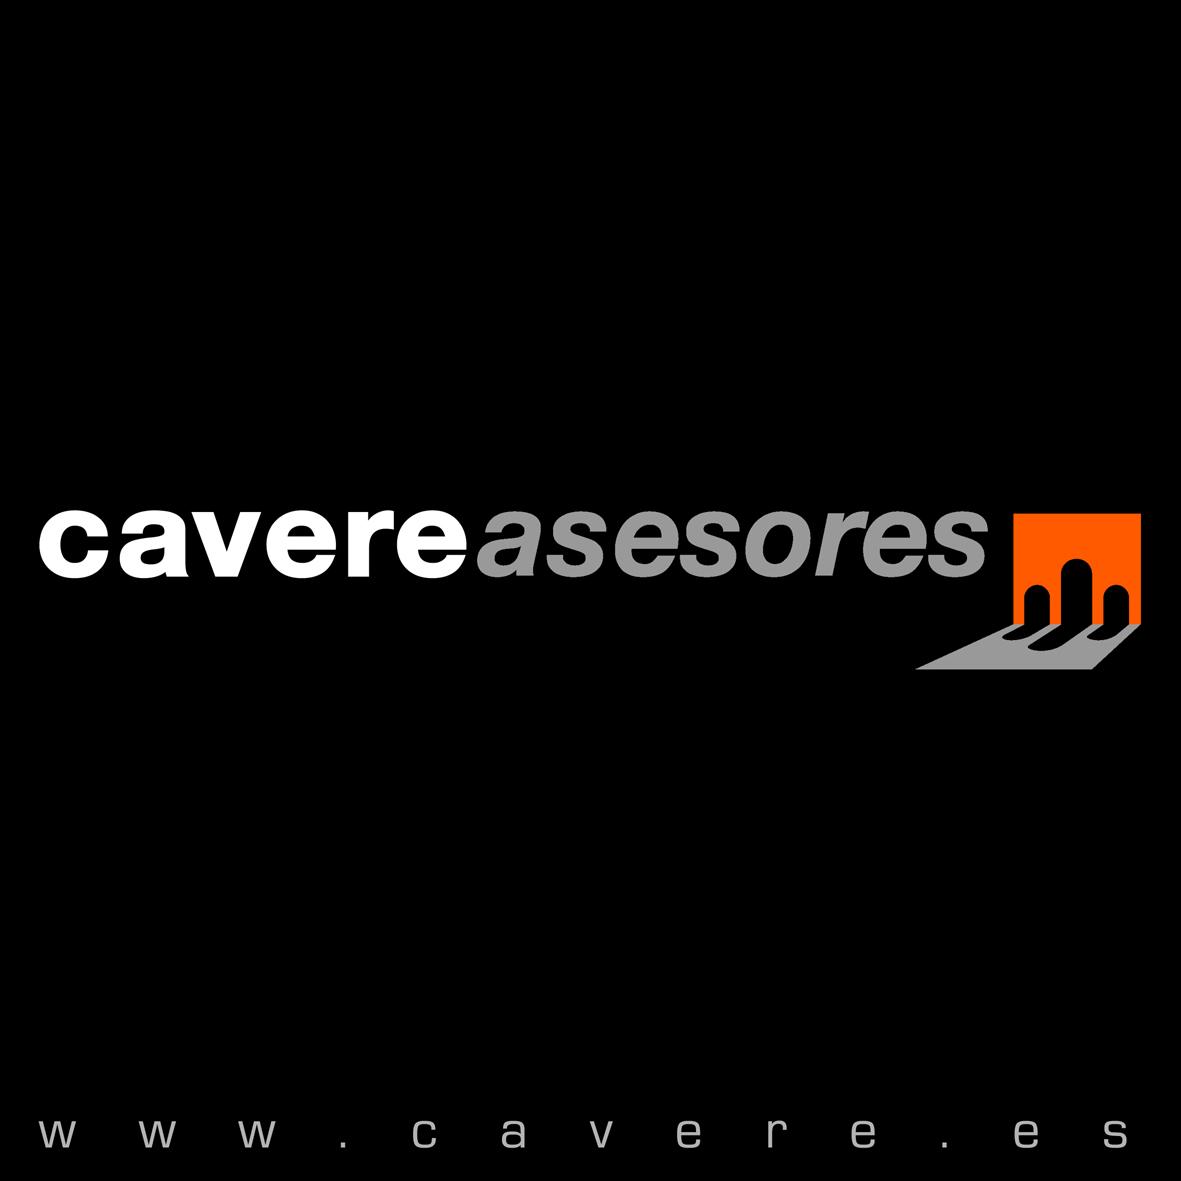 CAVERE ASESORES EMPIEZA EL NUEVO CURSO ESTRENANDO WEB.